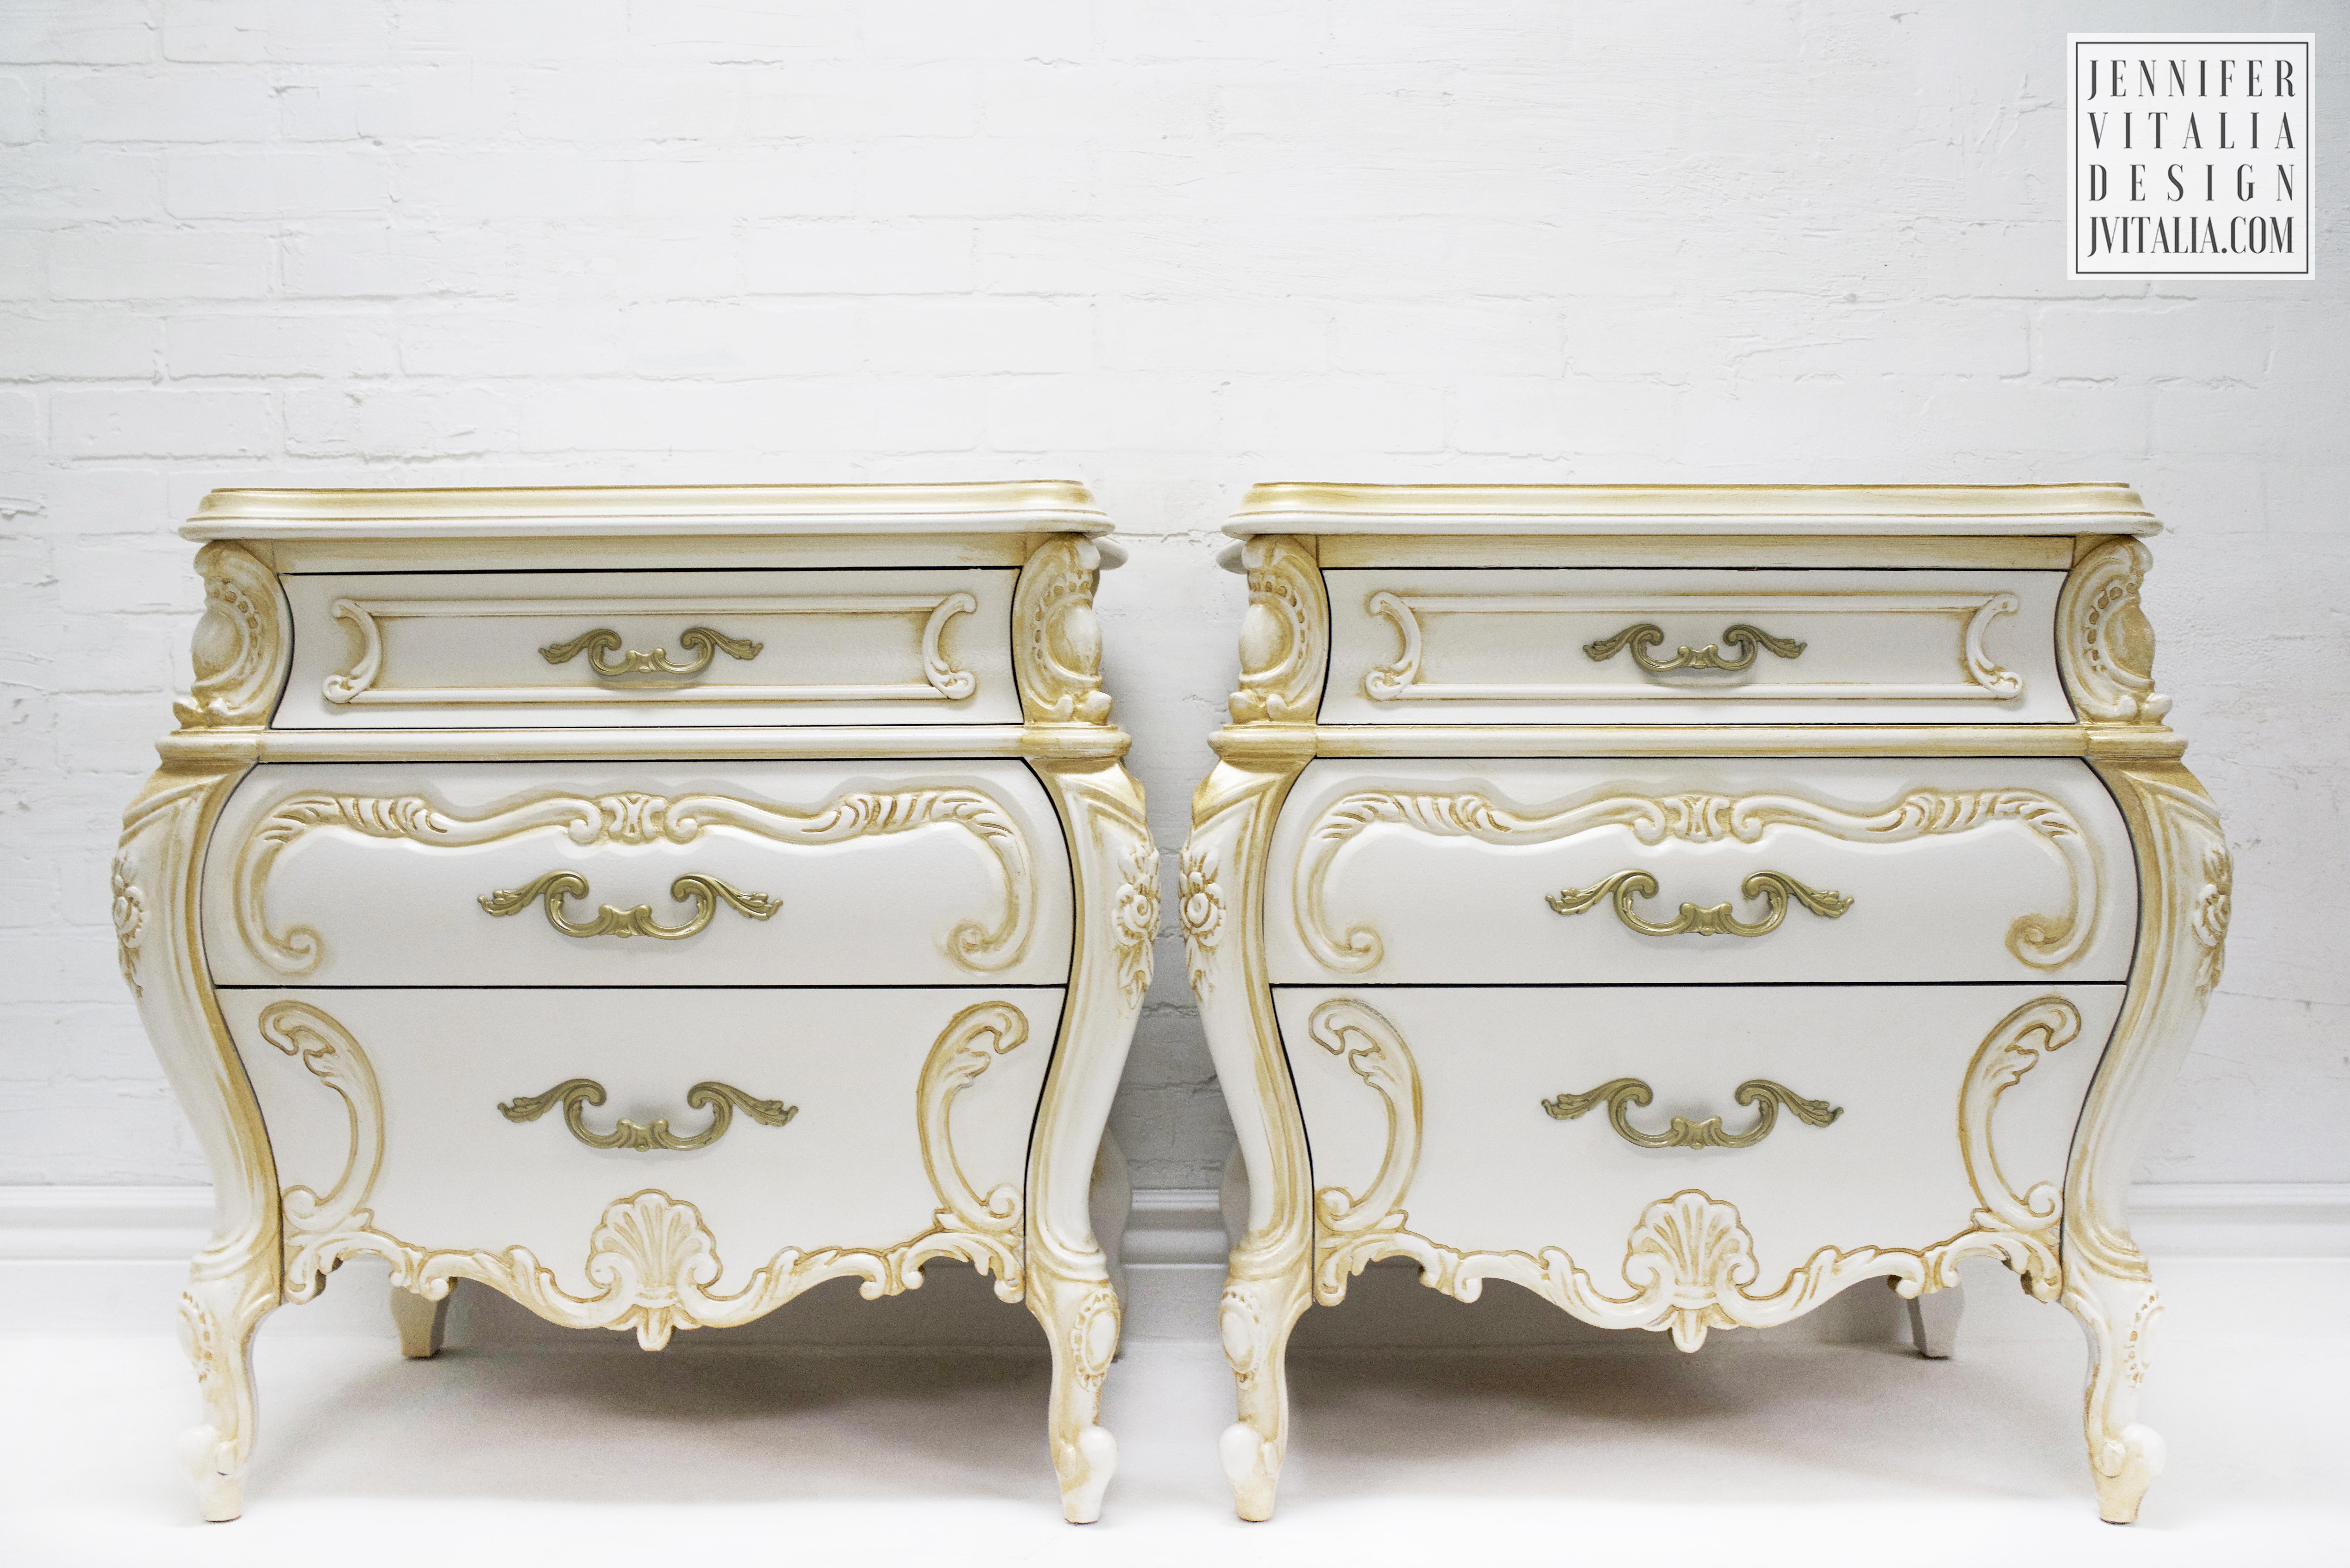 rococo antique nightstands gold and cream Jennifer Vitalia design